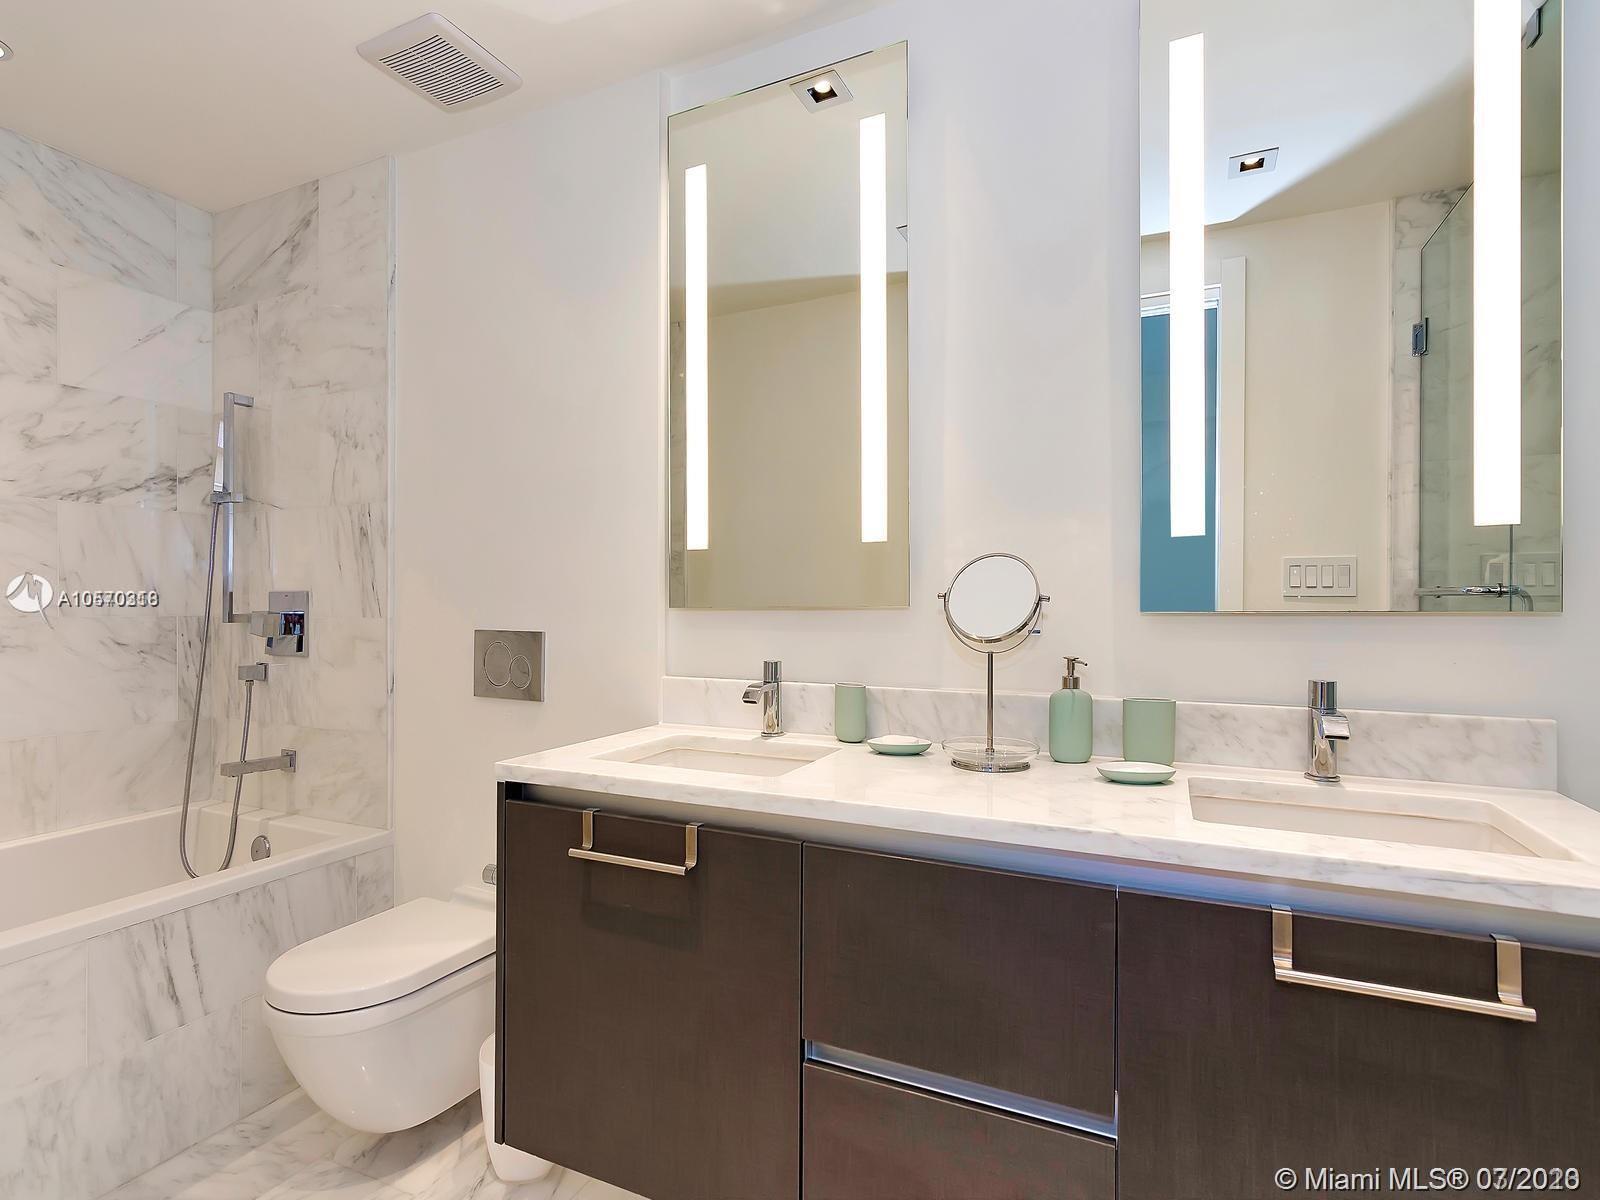 1451 Brickell Avenue, Miami, FL 33131, Echo Brickell #1601, Brickell, Miami A10570318 image #9